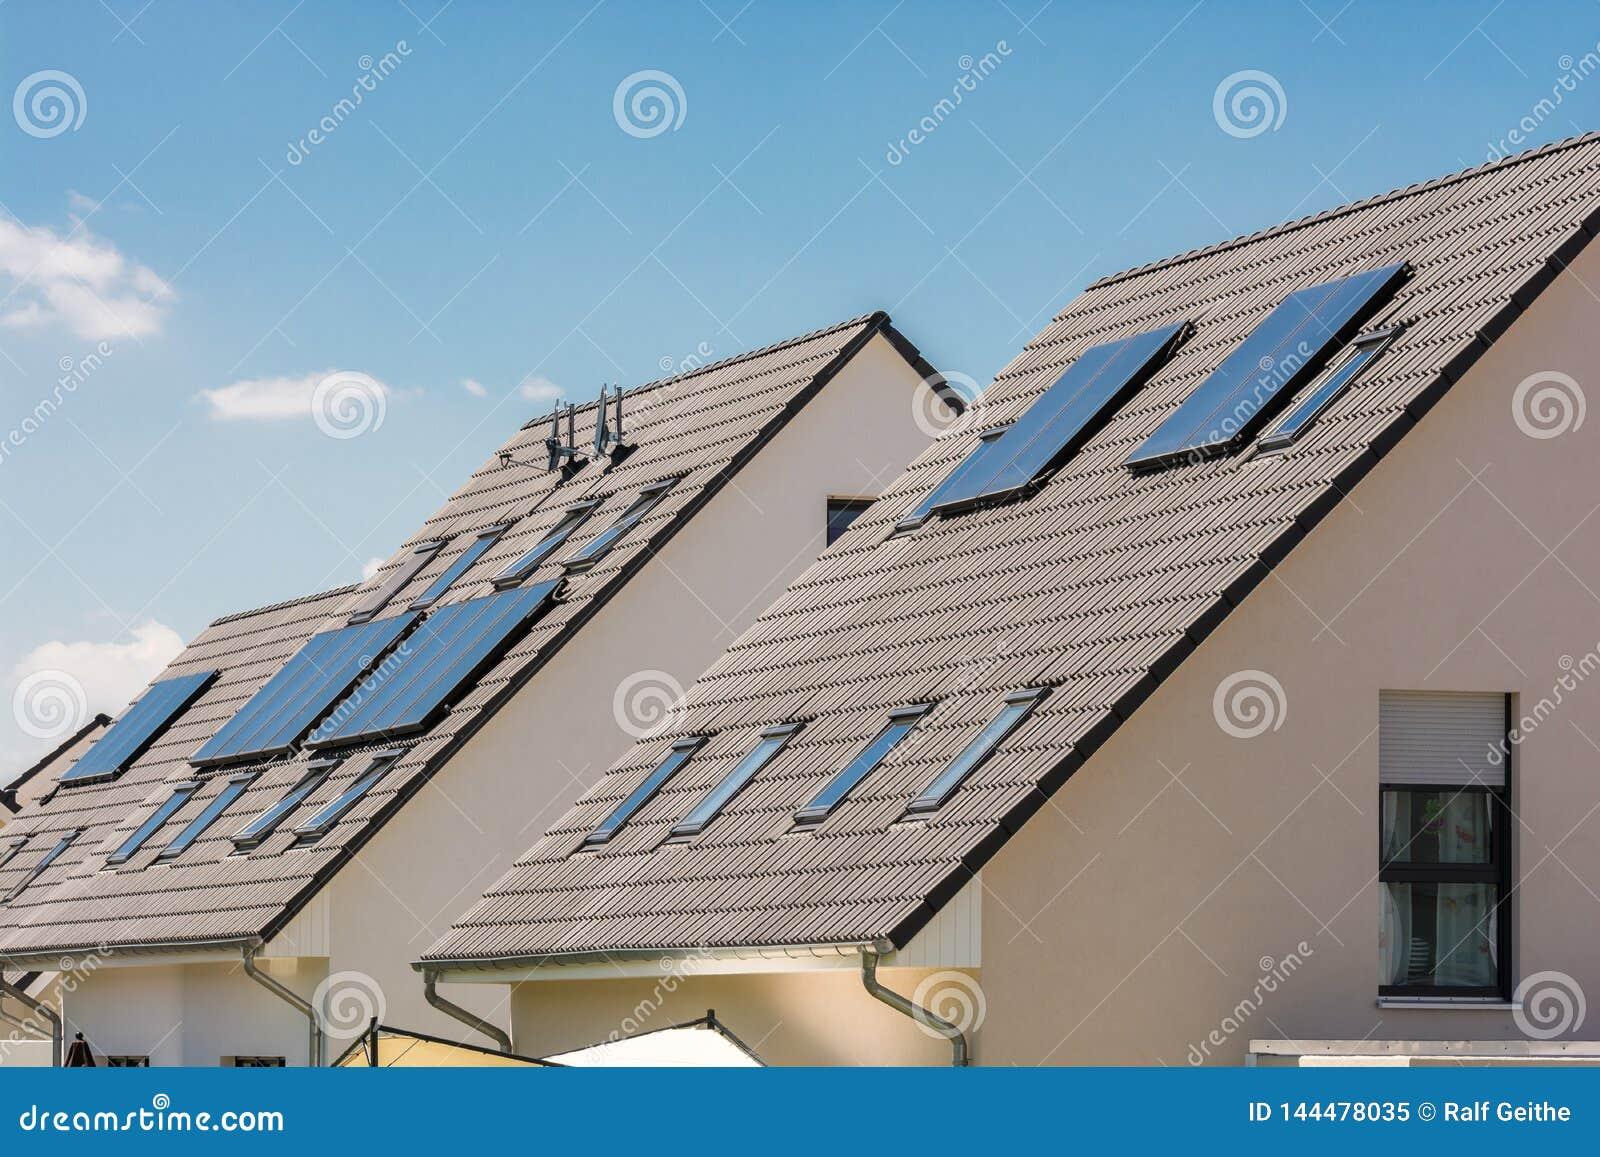 Colectores solares en el tejado para reducir costes energéticos